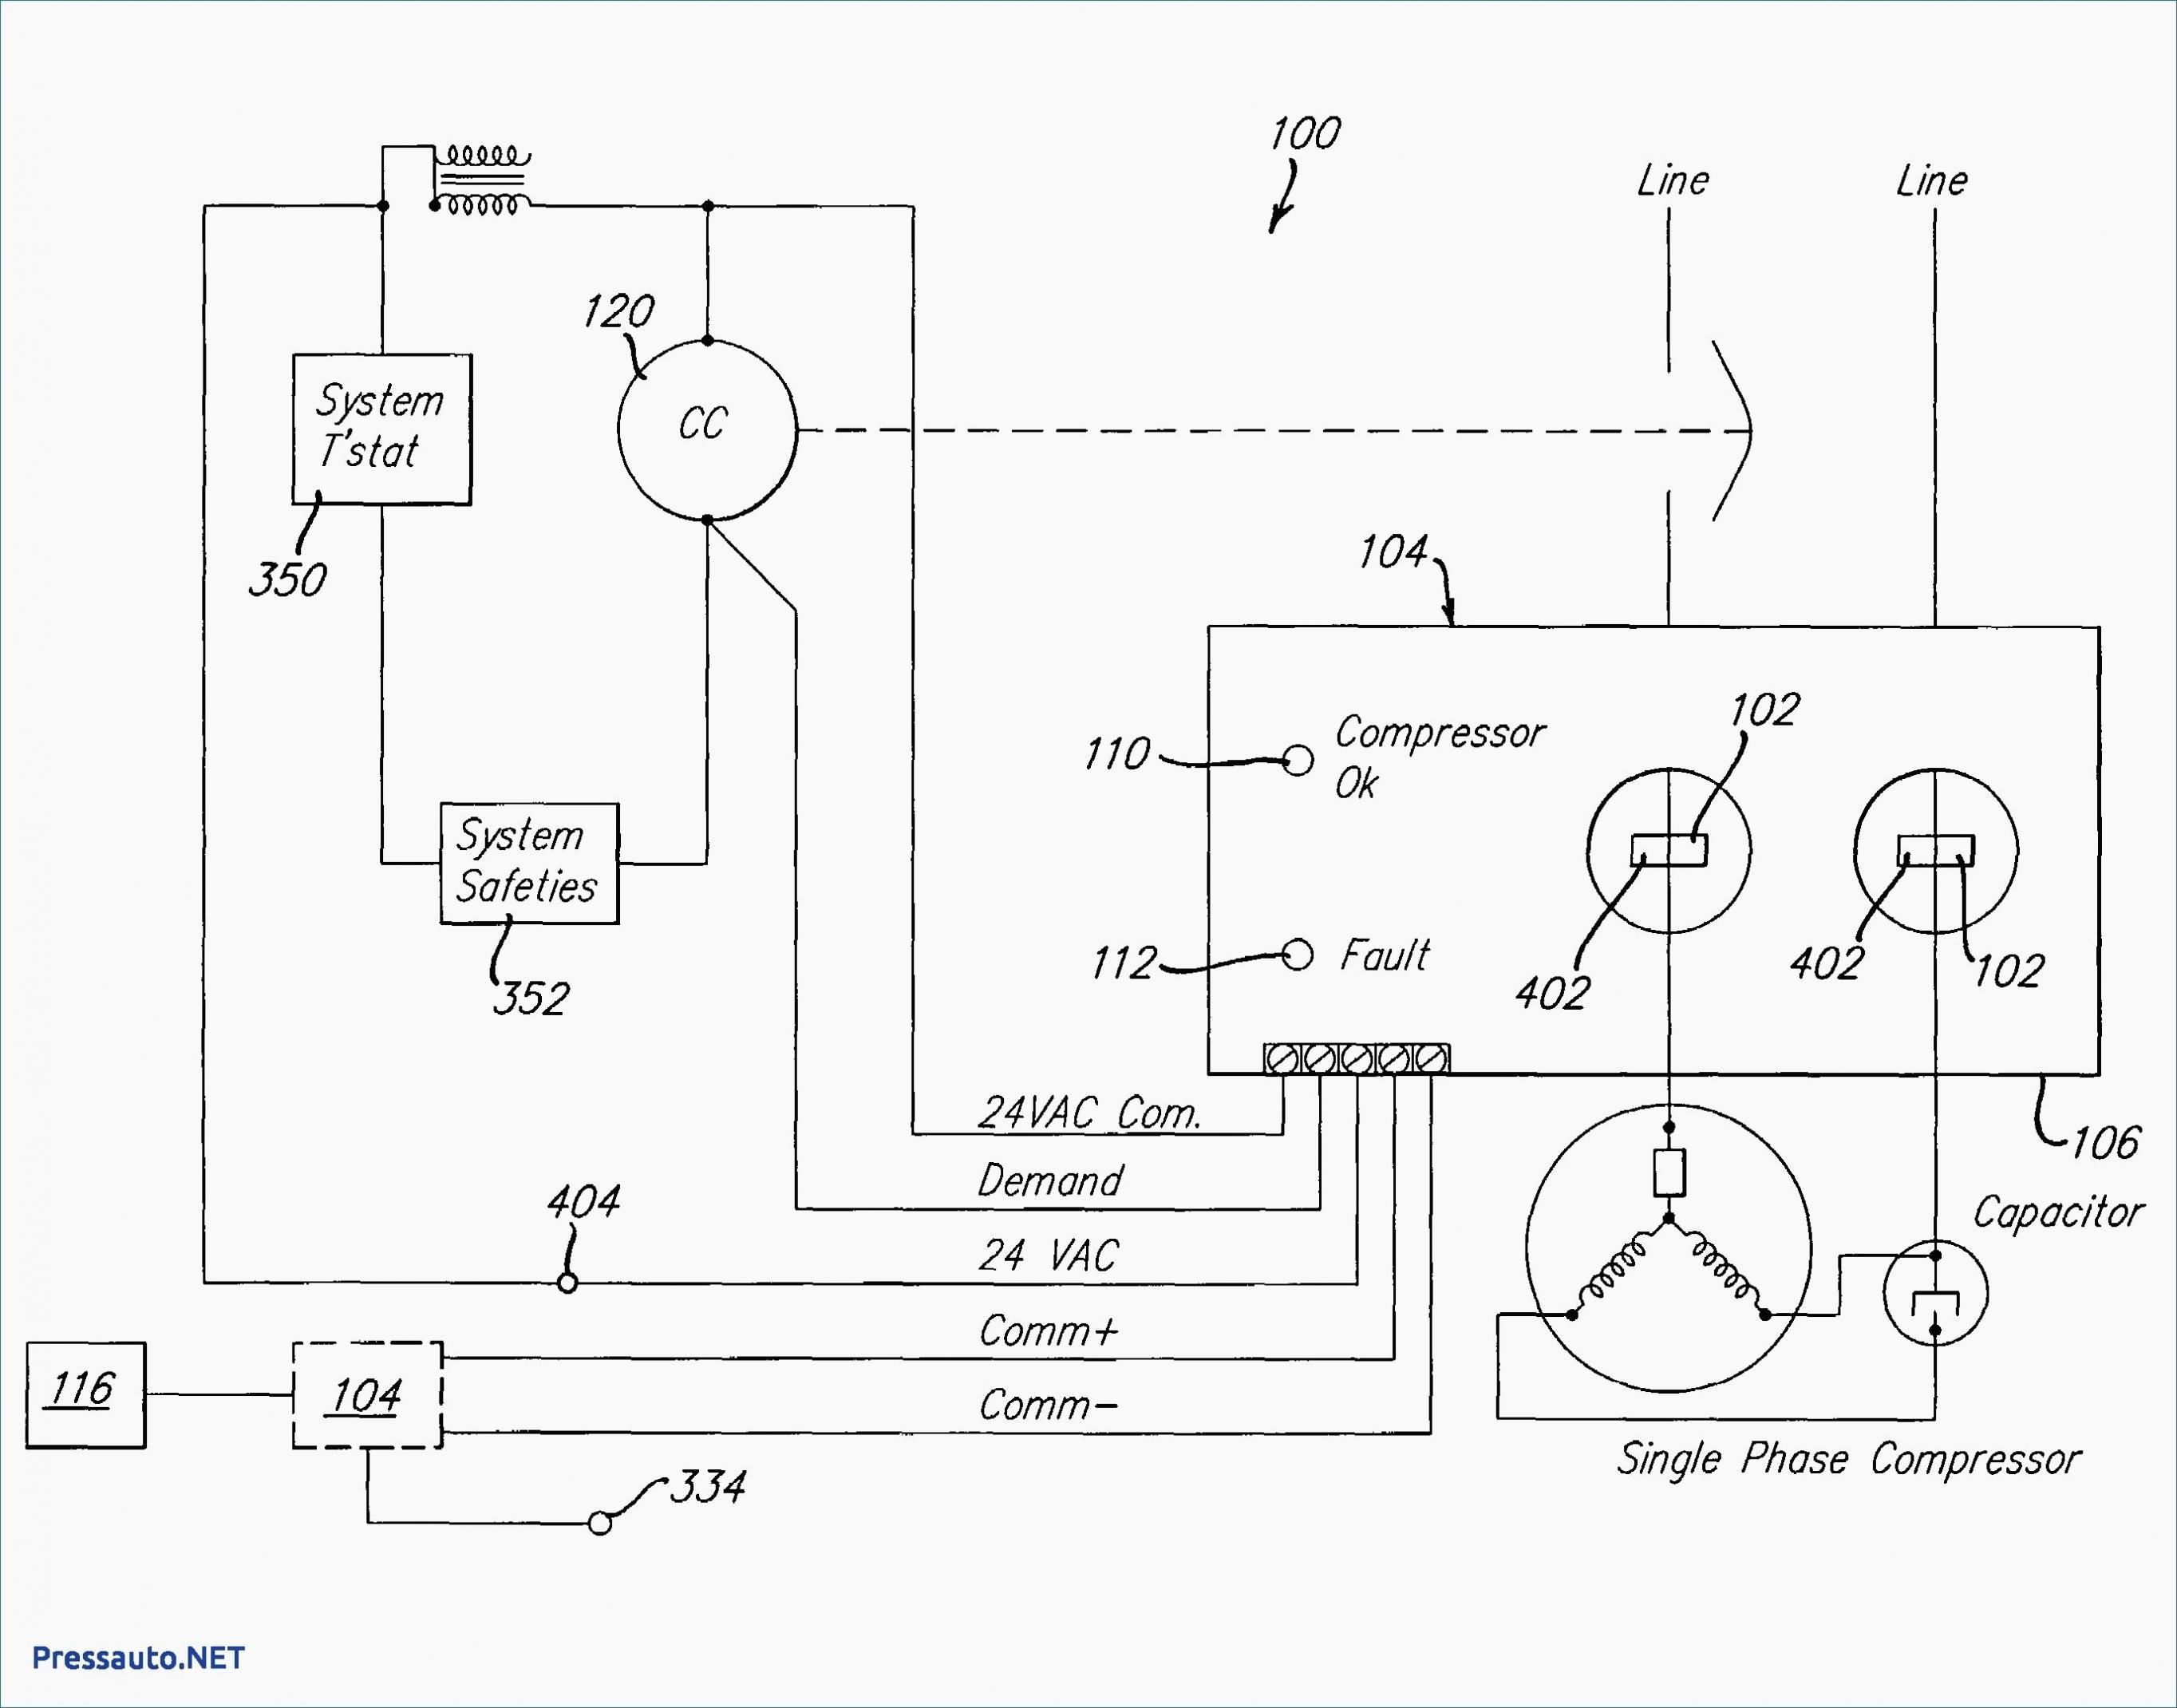 Ac Condenser Wiring Diagram   Schematic Diagram - Ac Condenser Wiring Diagram